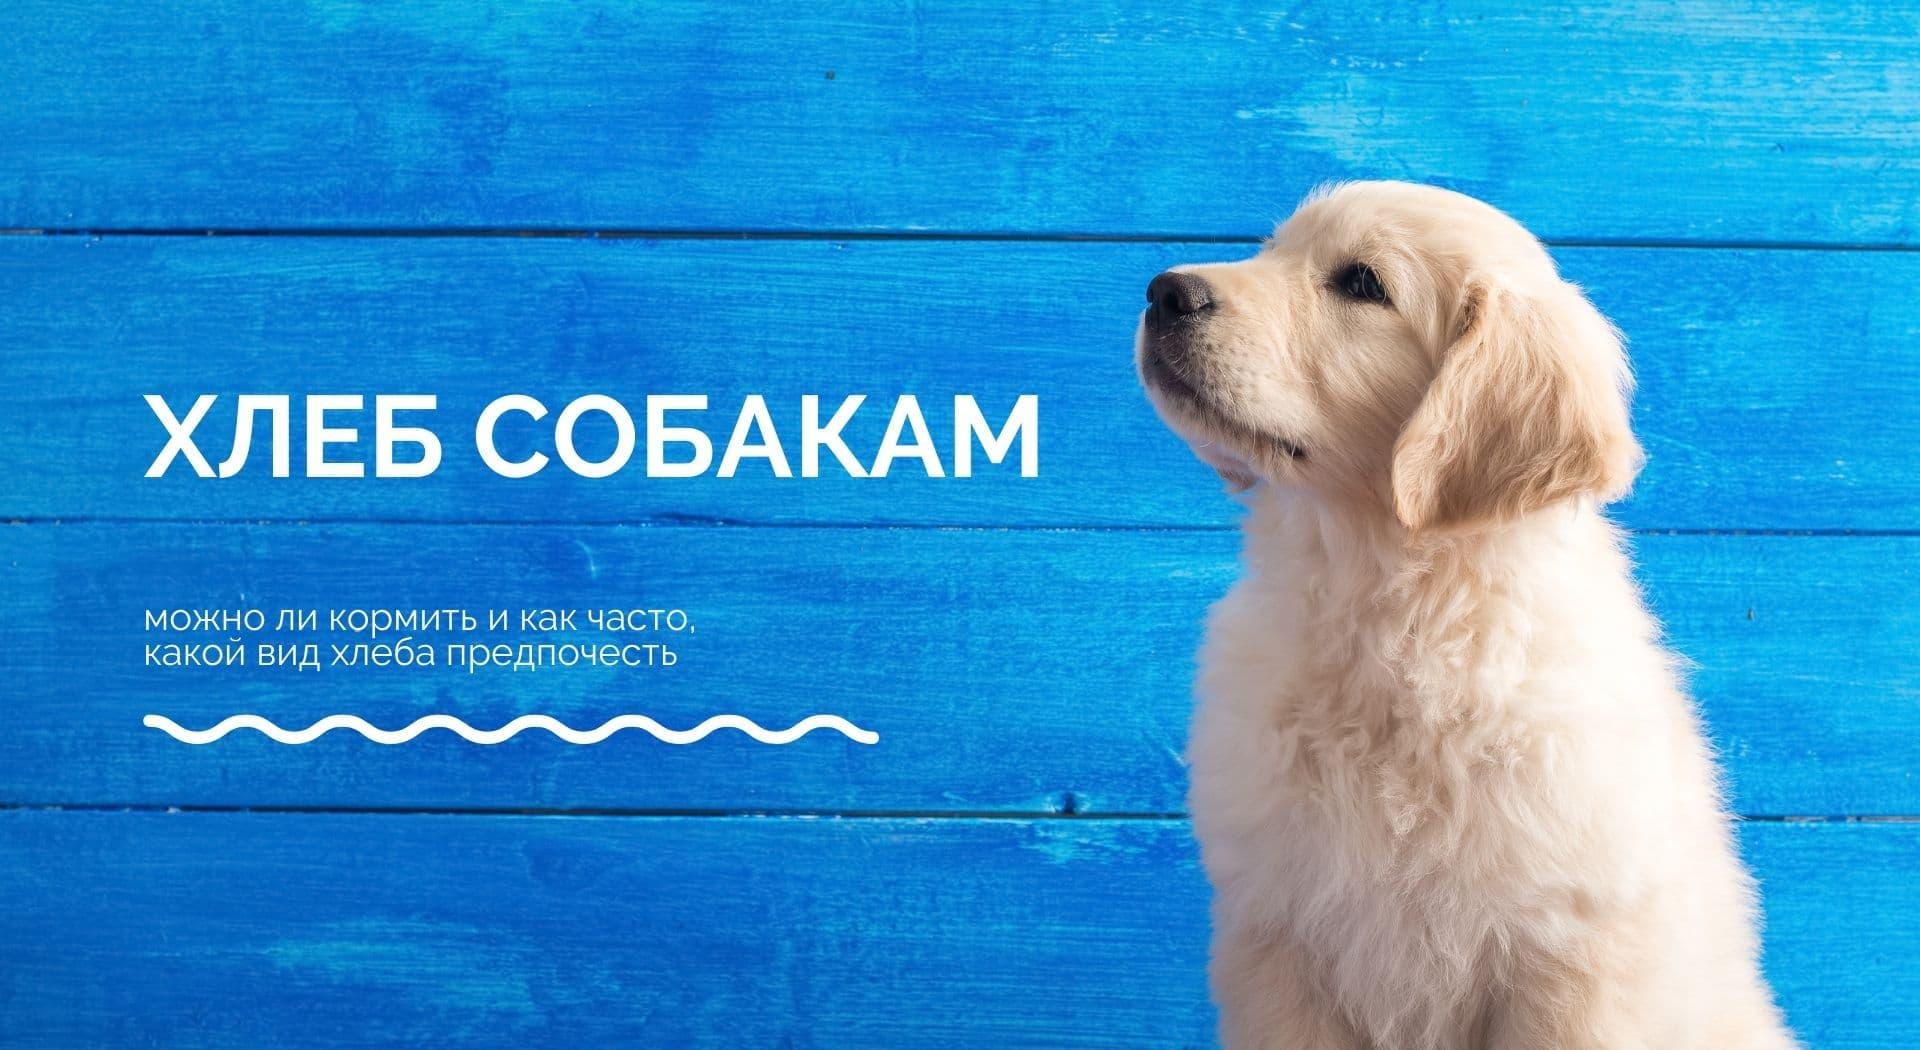 Хлеб собакам: можно ли кормить и как часто, какой вид хлеба предпочесть